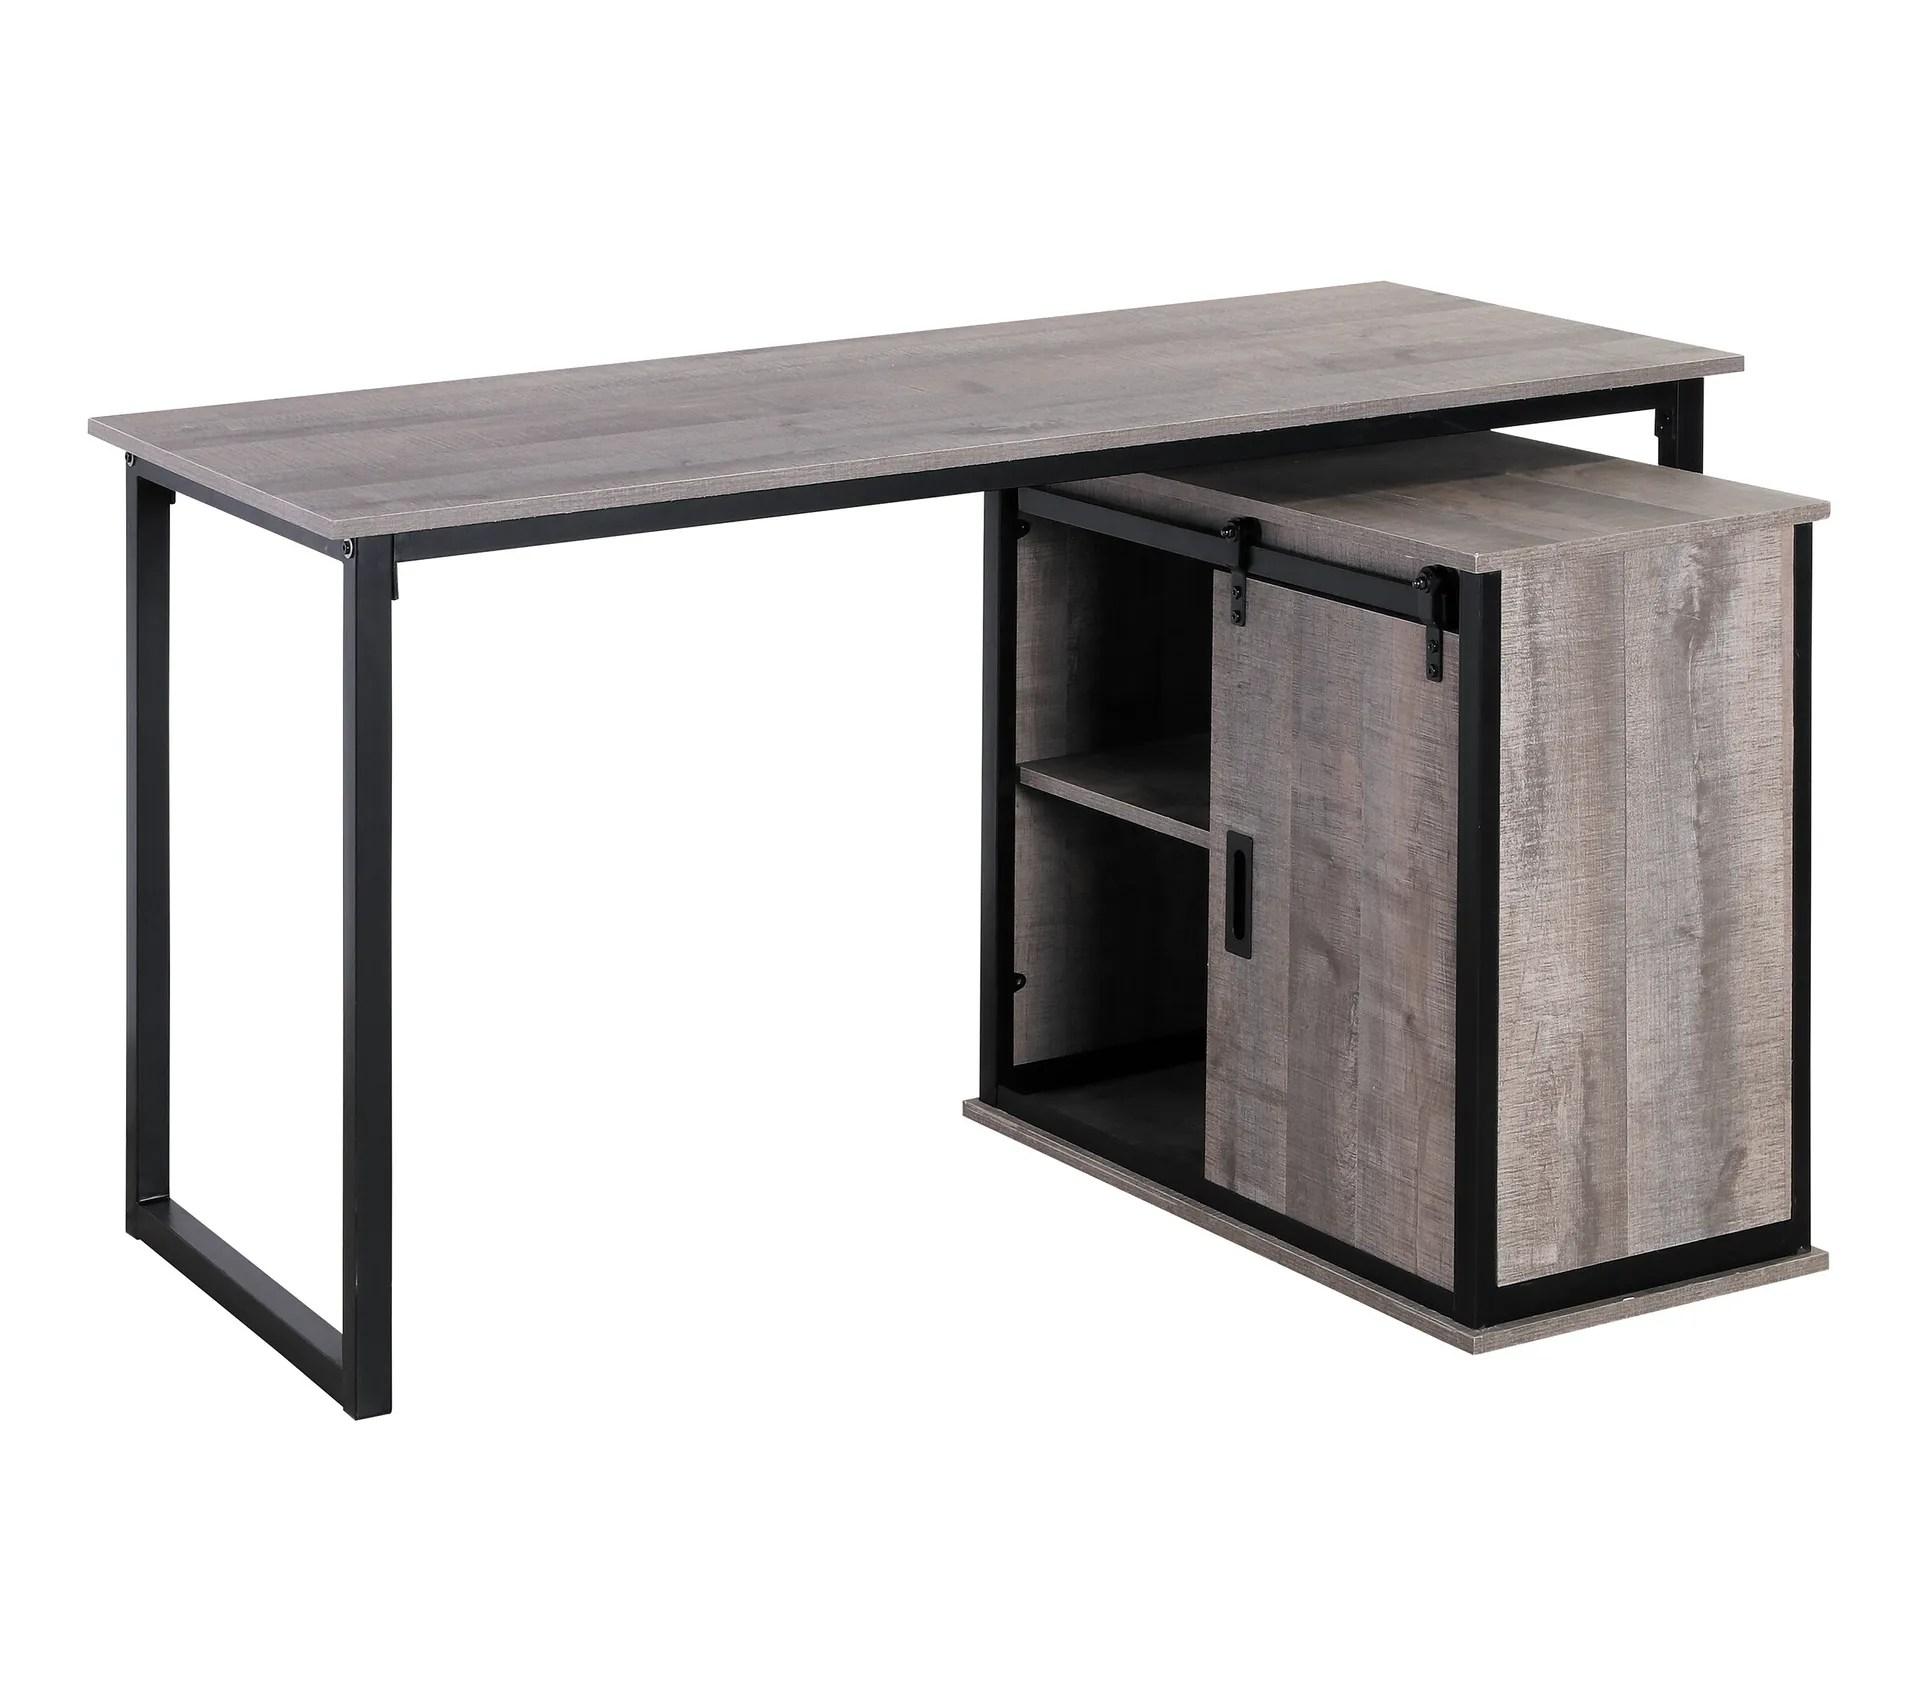 bureau dangle avec rangement nevada imitation chene gris et noir